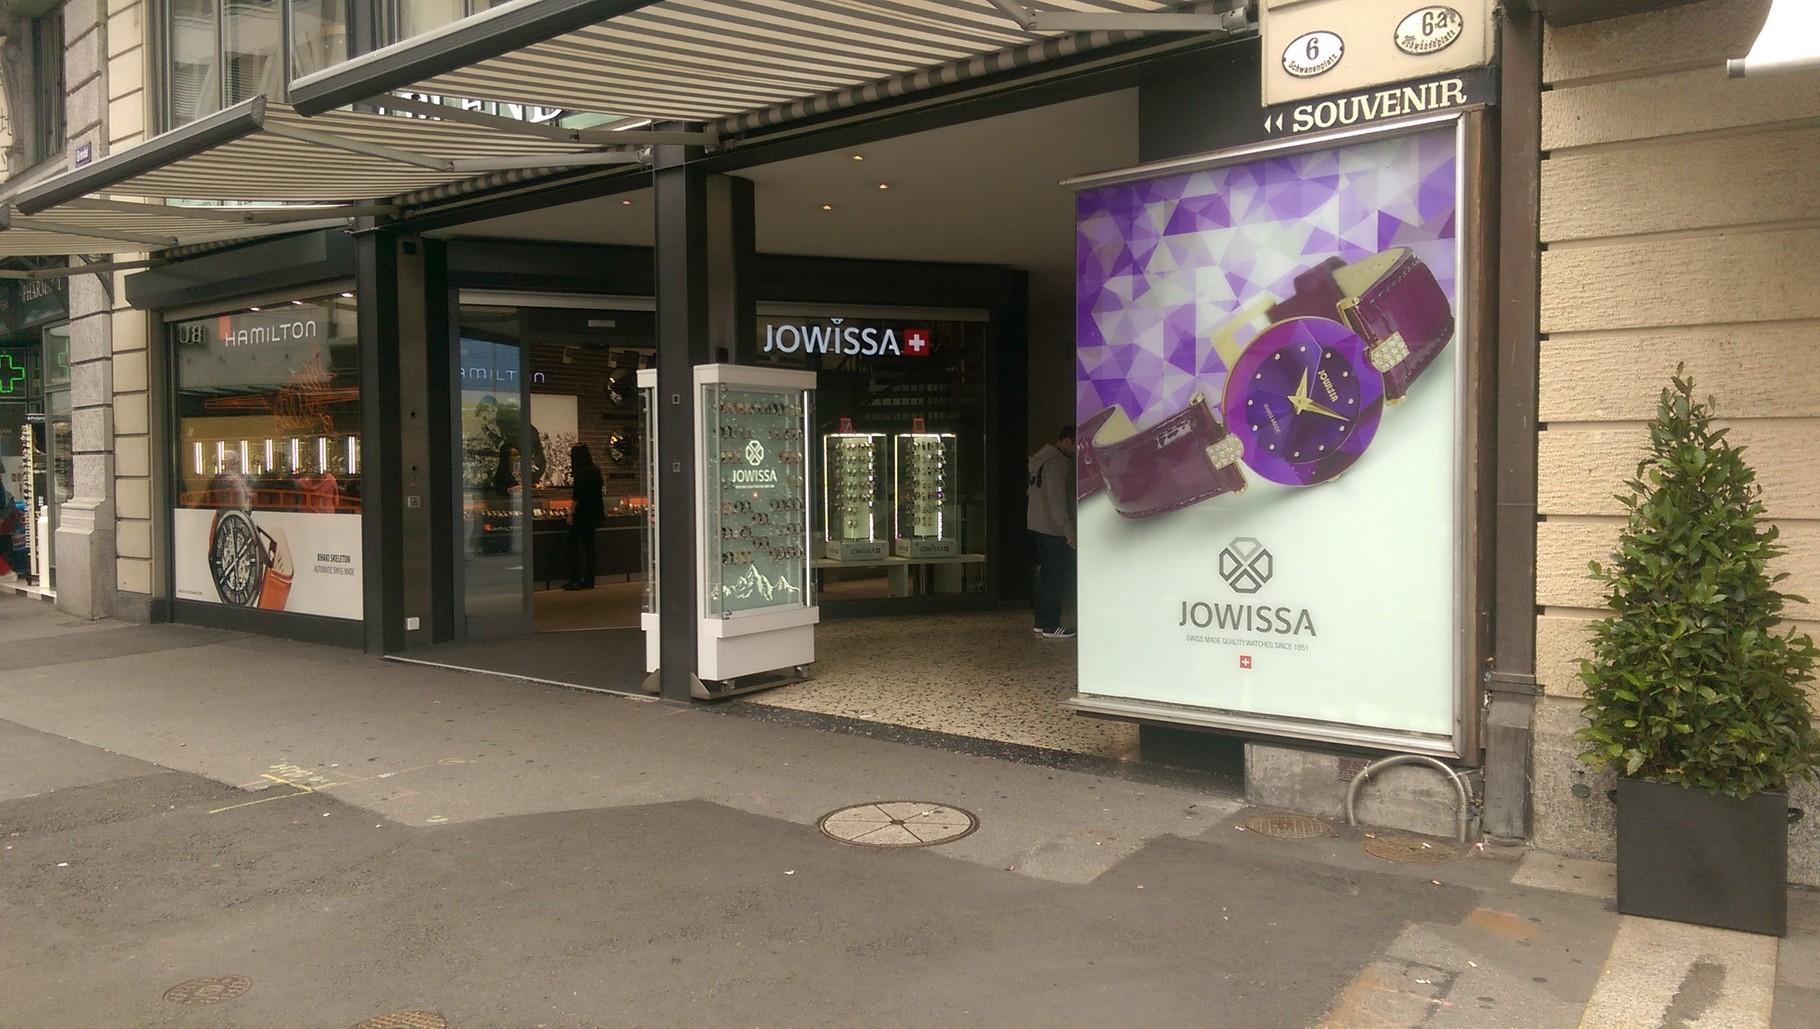 Schaufensterbeschriftung Jowissa in Luzern